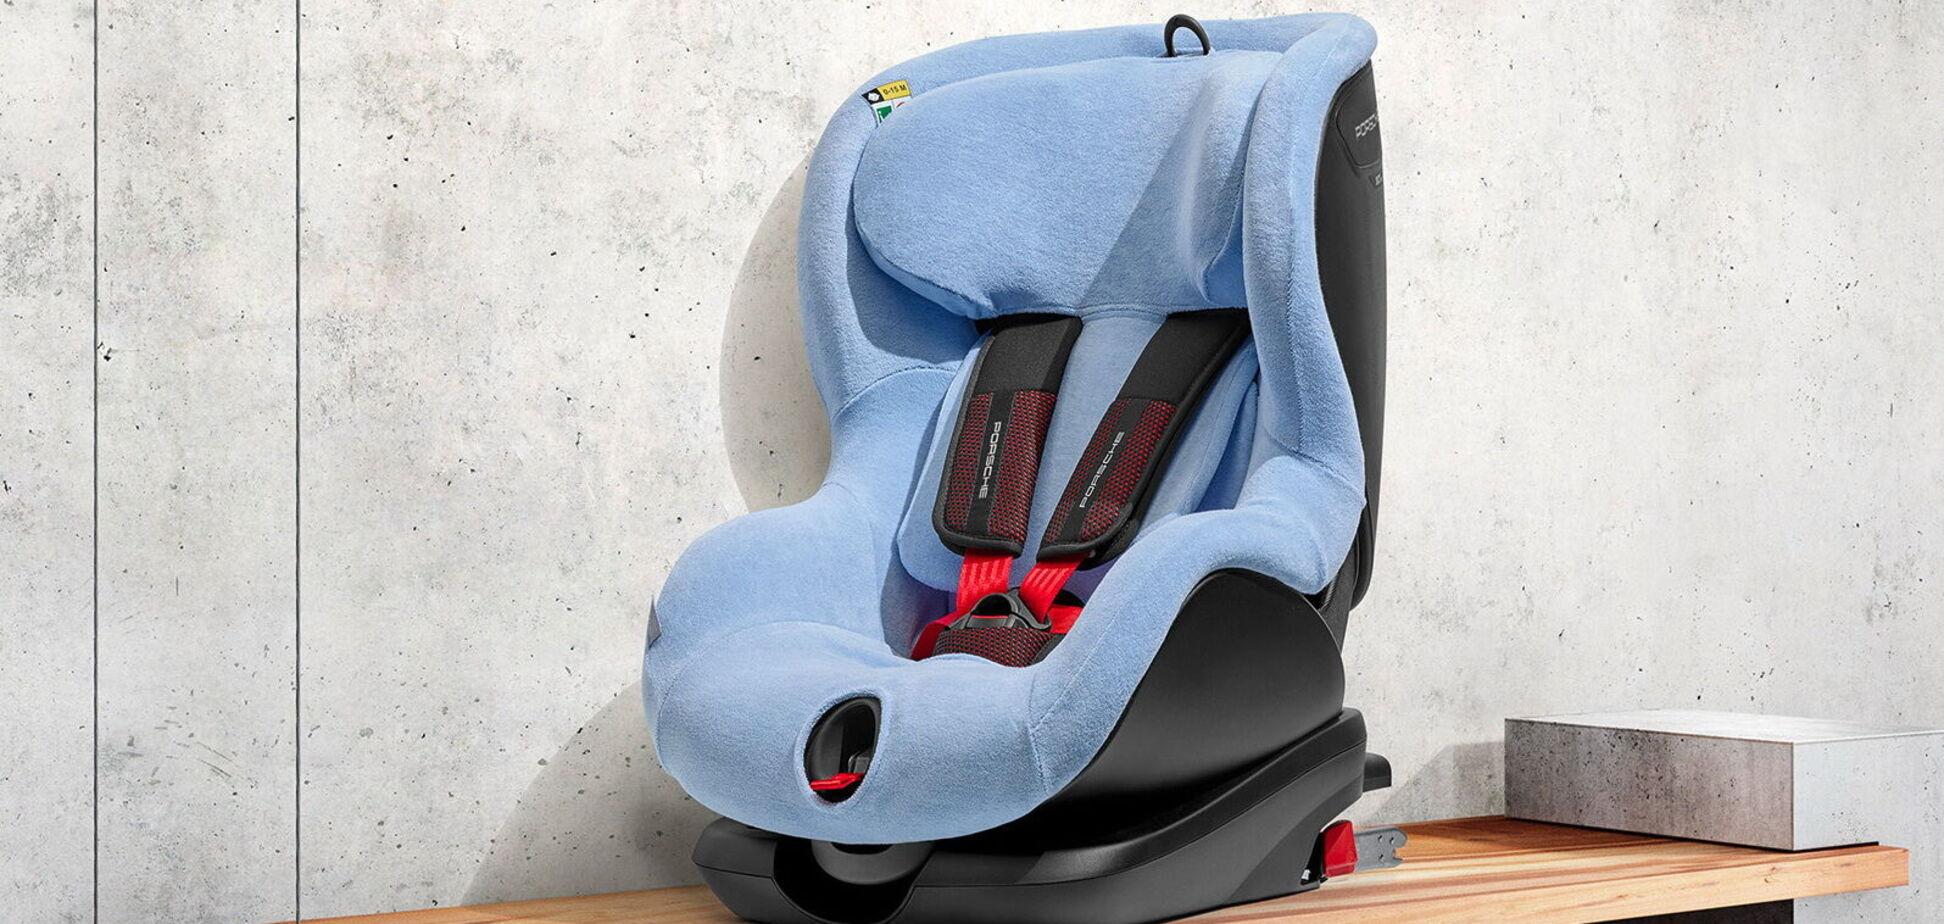 Компания Porsche представила детские кресла нового поколения